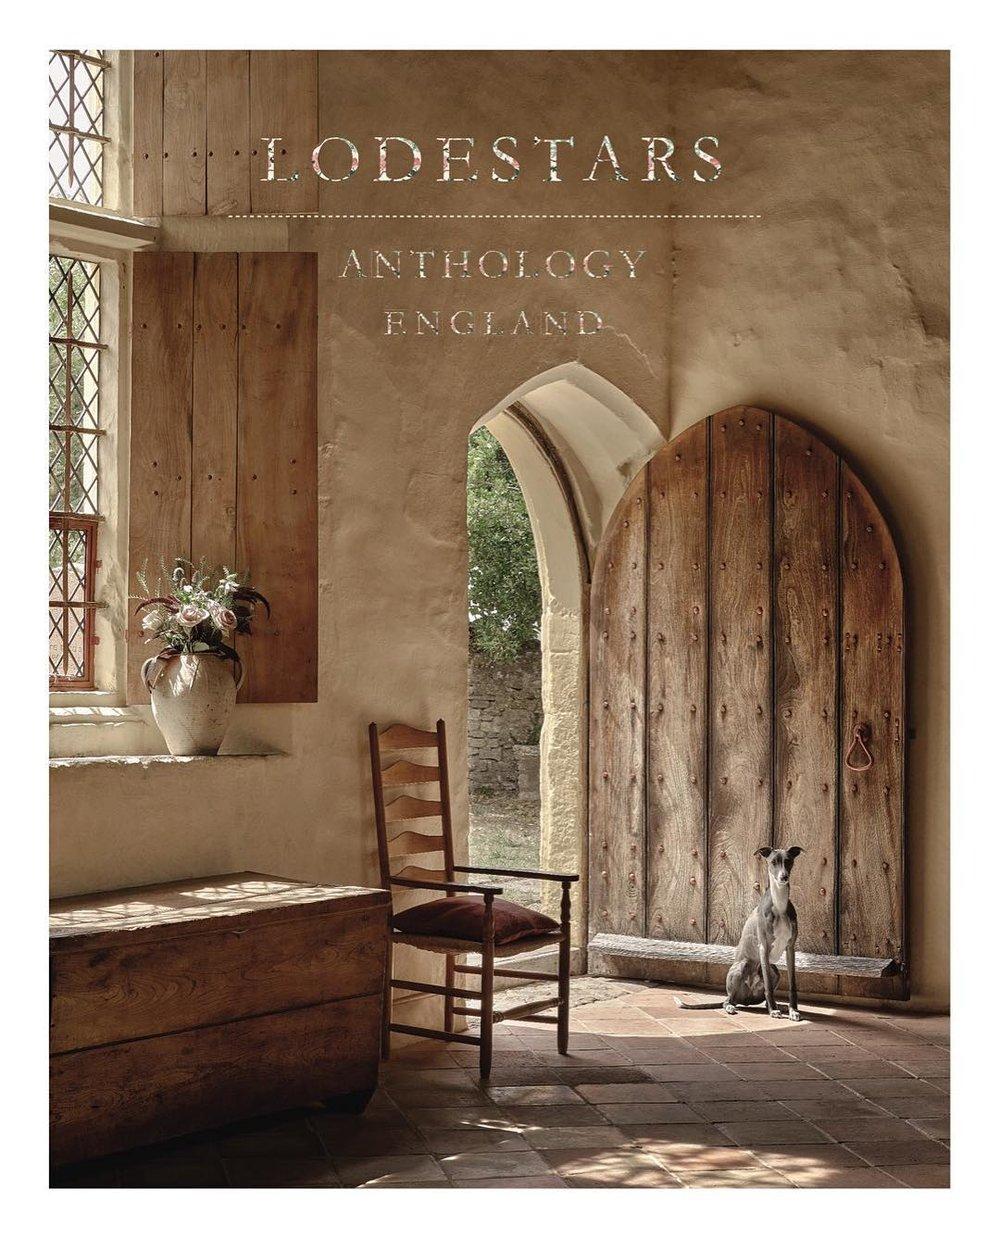 Lodestars England Issue Cover.jpg